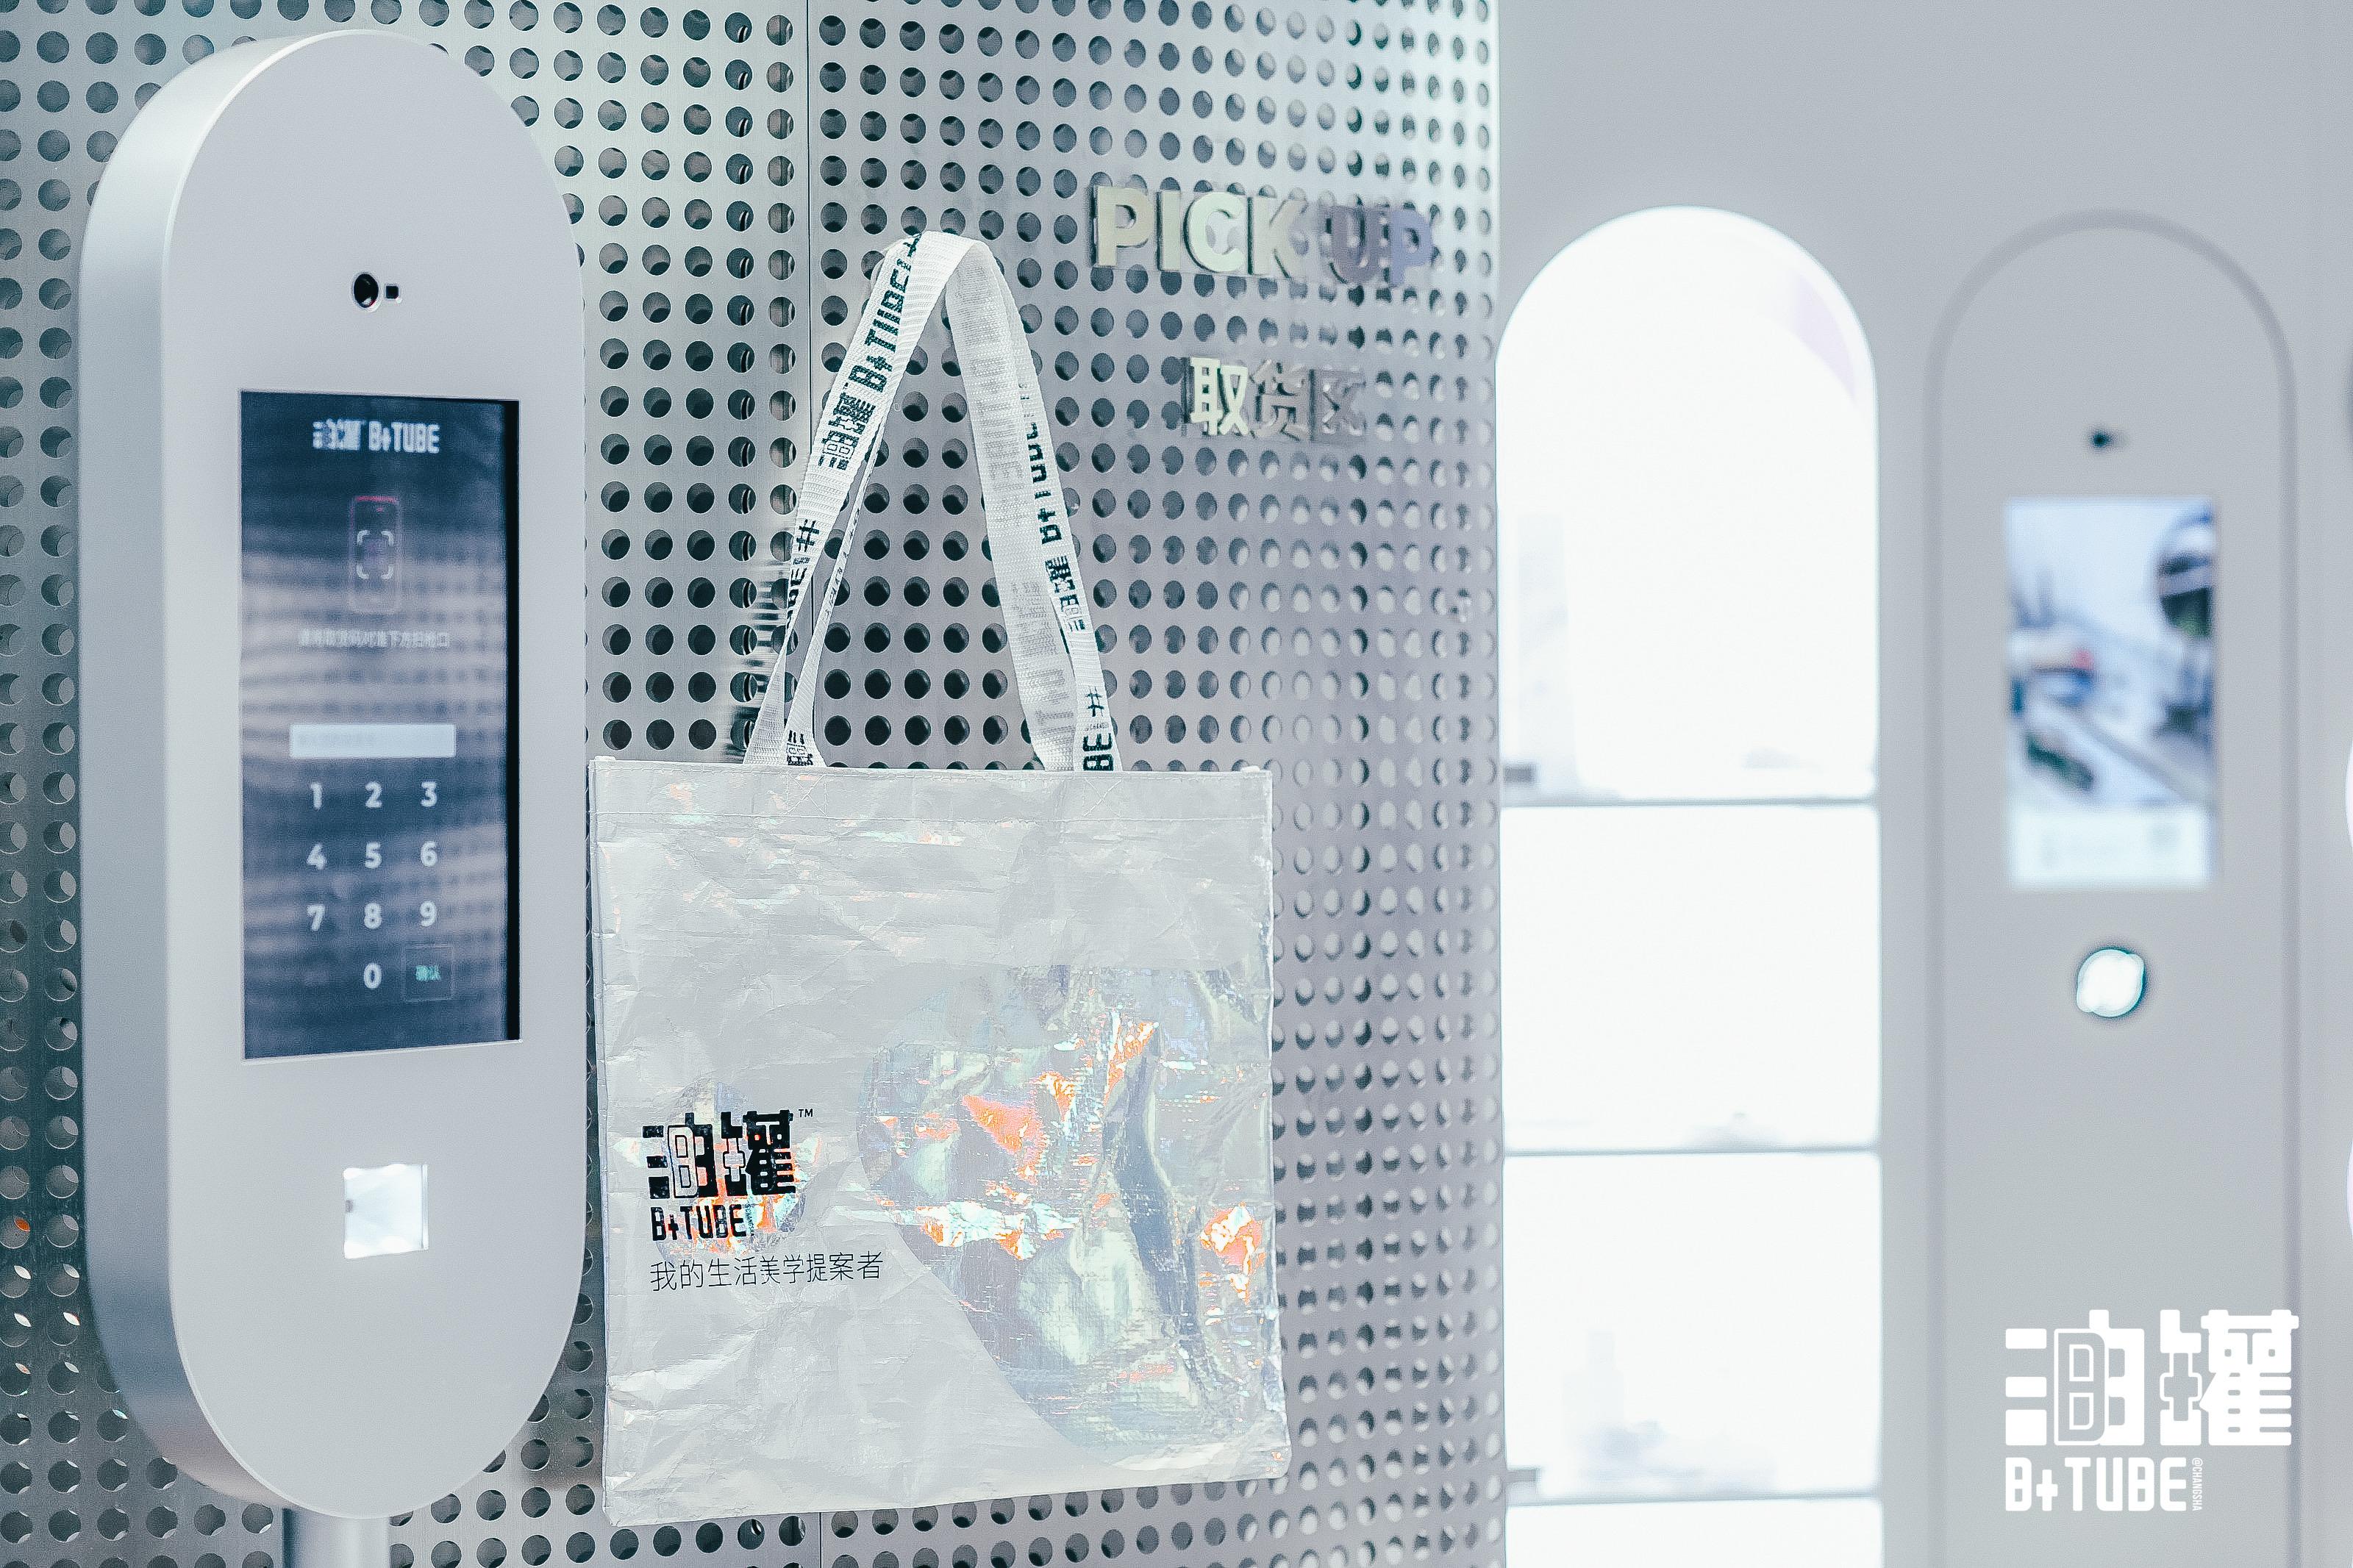 B+油罐创始人Lisa:数字化体验为什么会成为美妆零售的新机会